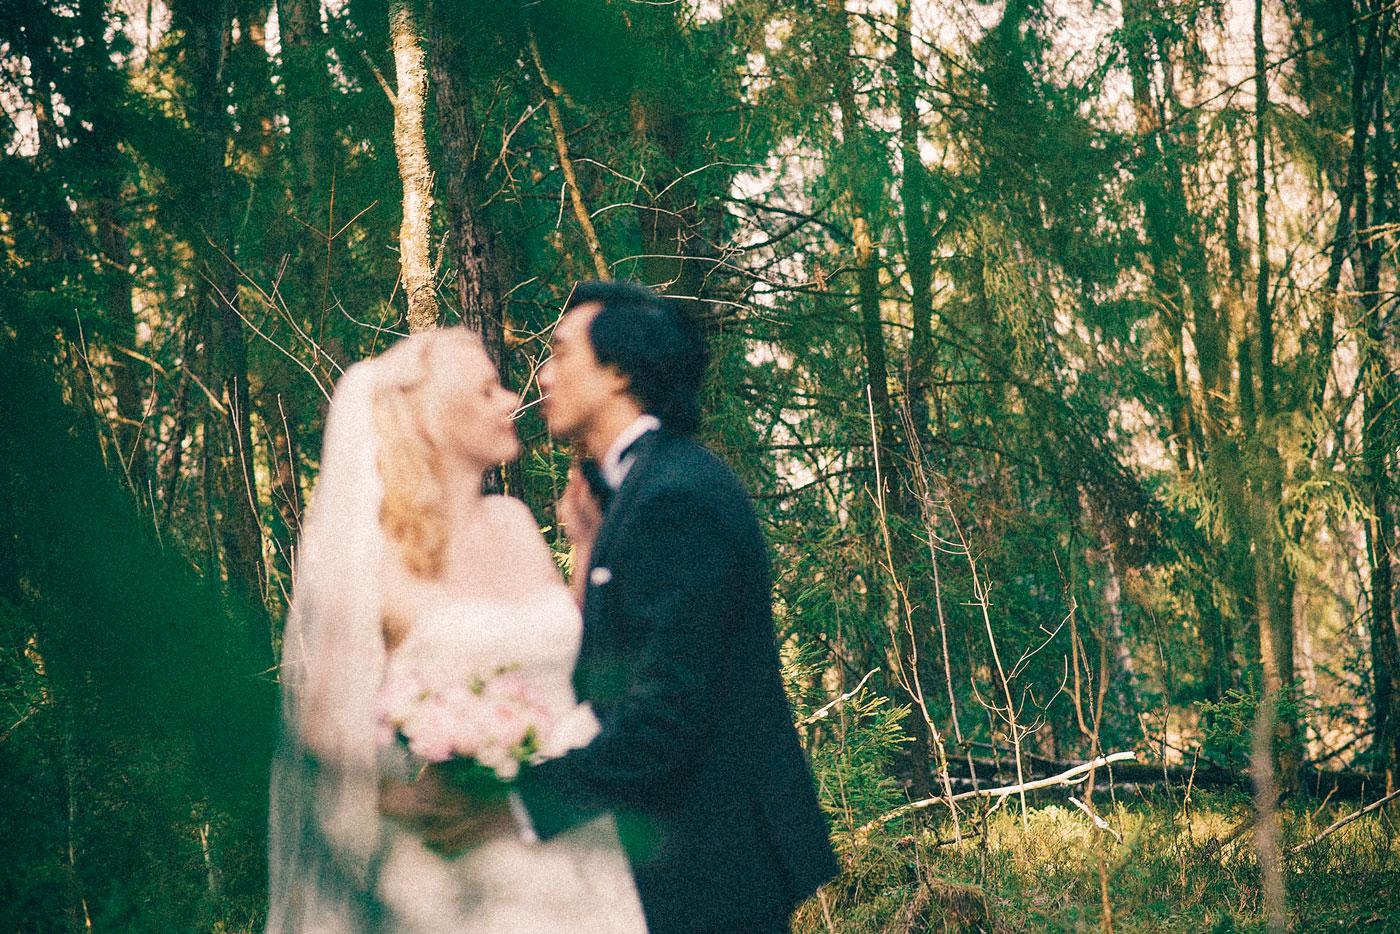 fotograf bryllup nygift par kysser